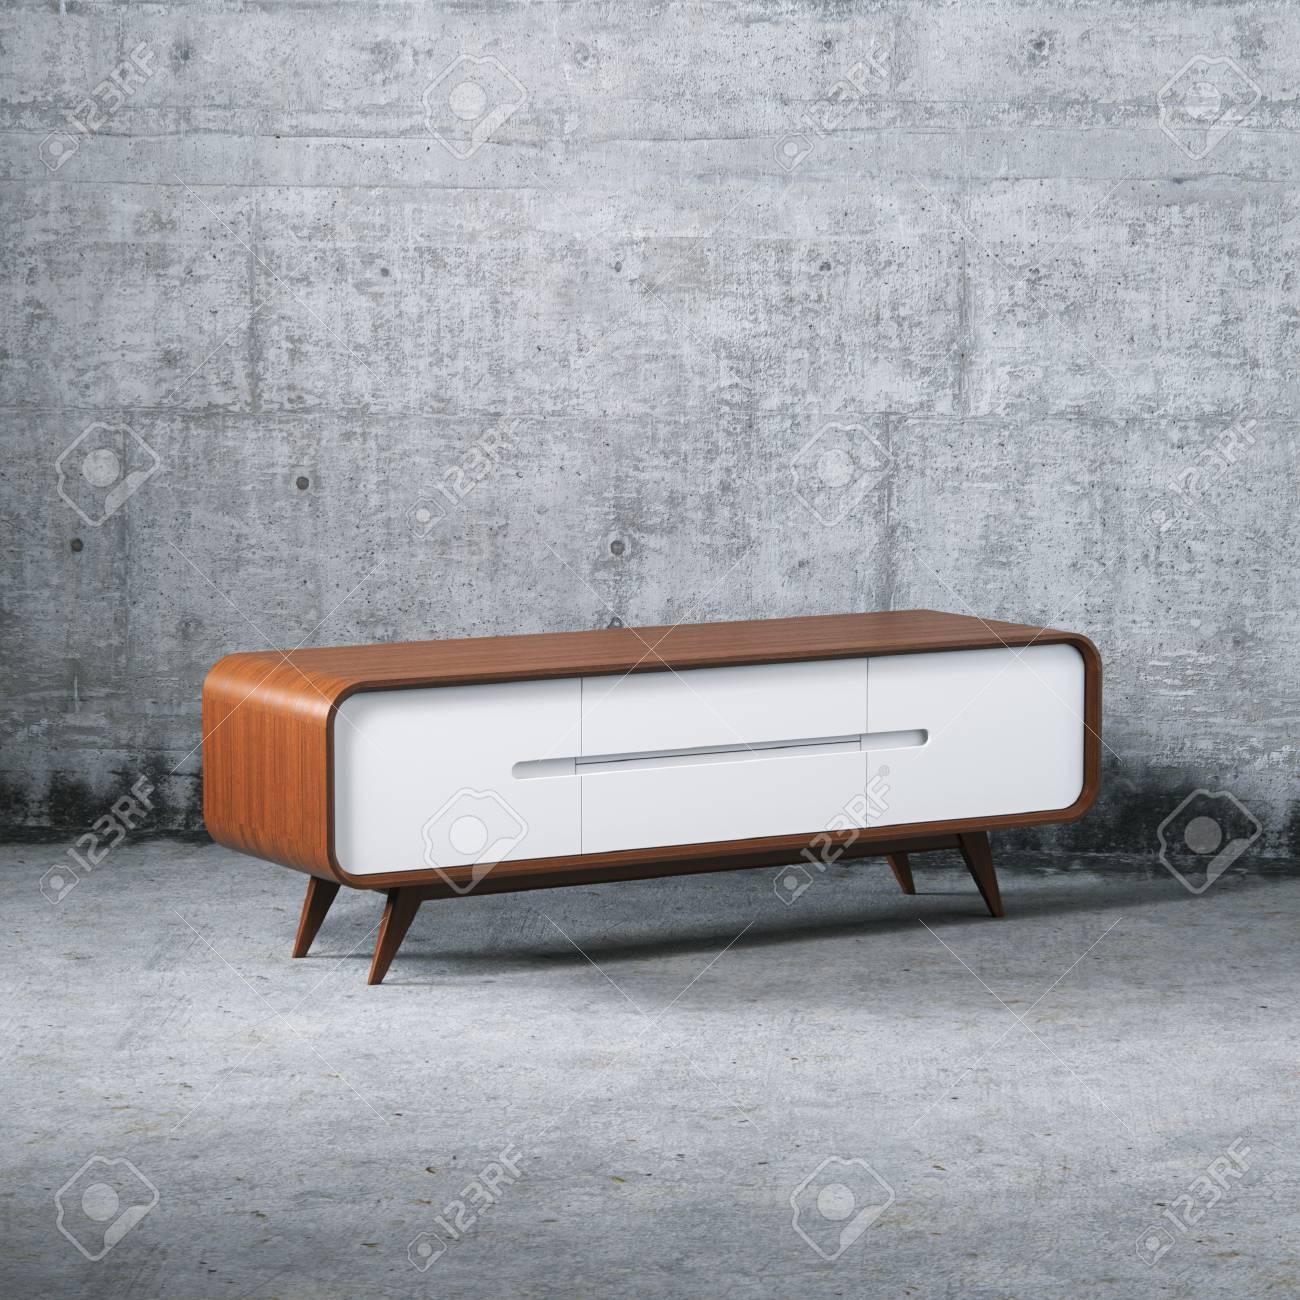 Wooden Diy Furniture Vintage Tv Stand 3d Render Stock Photo